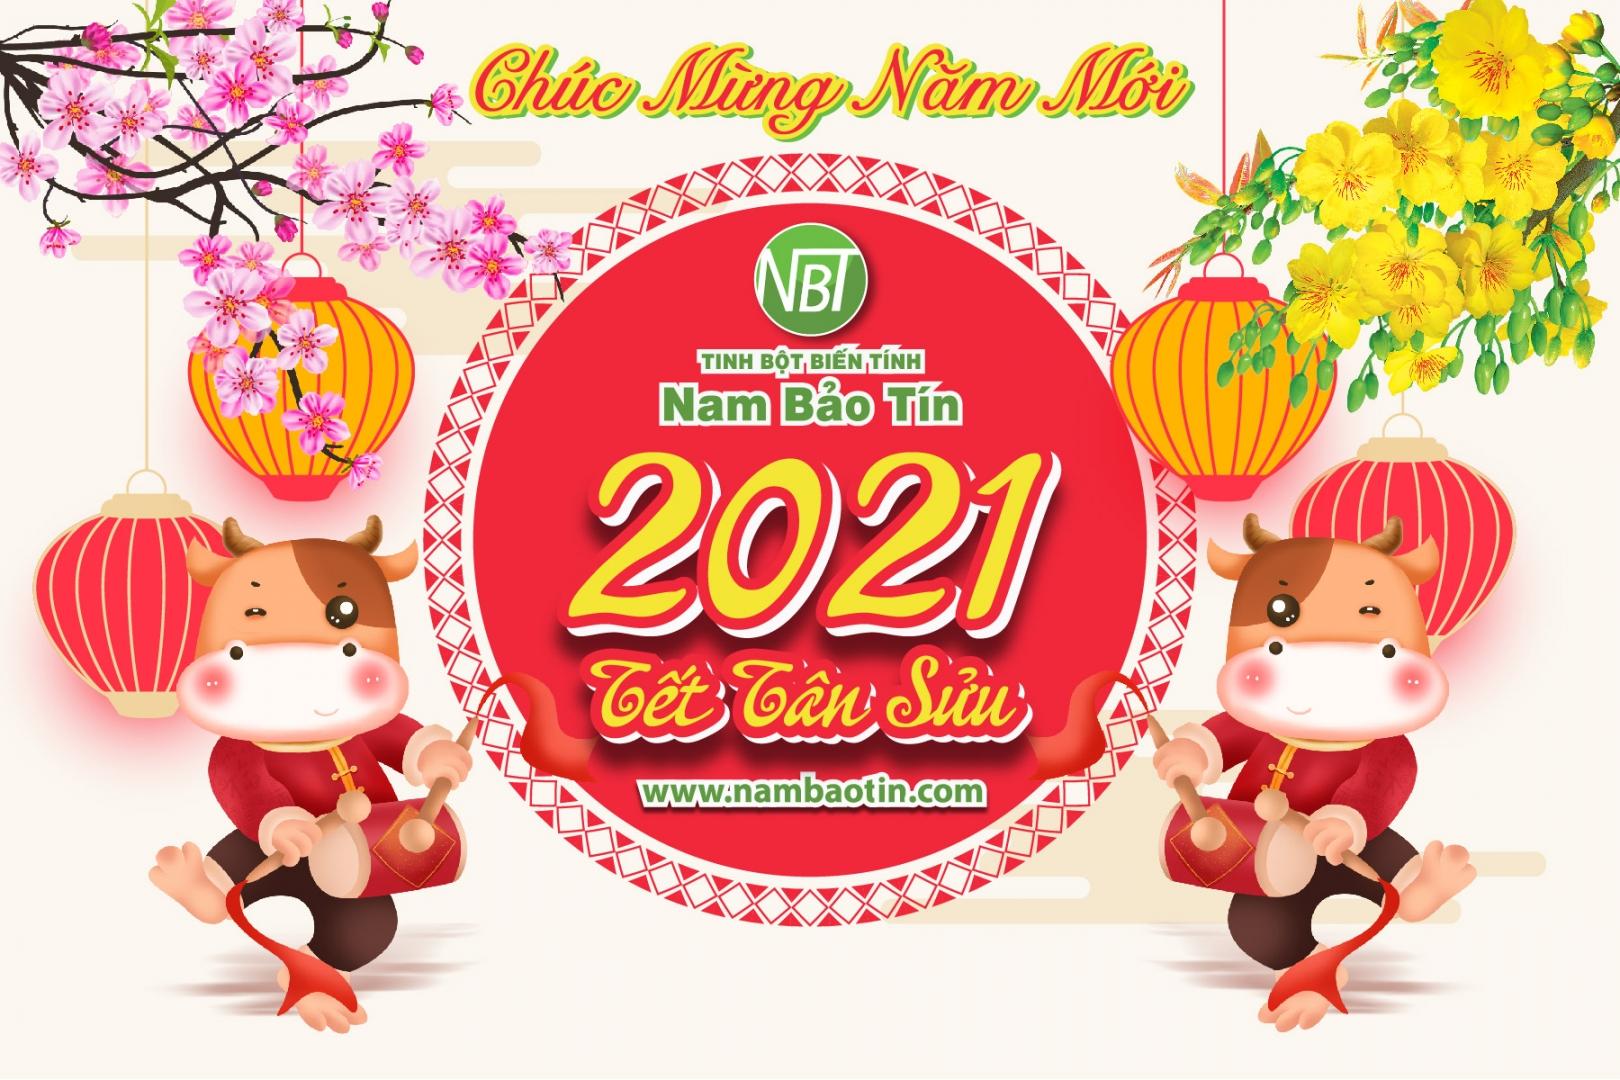 Chúc mừng năm mới - Tết Tân Sửu 2021